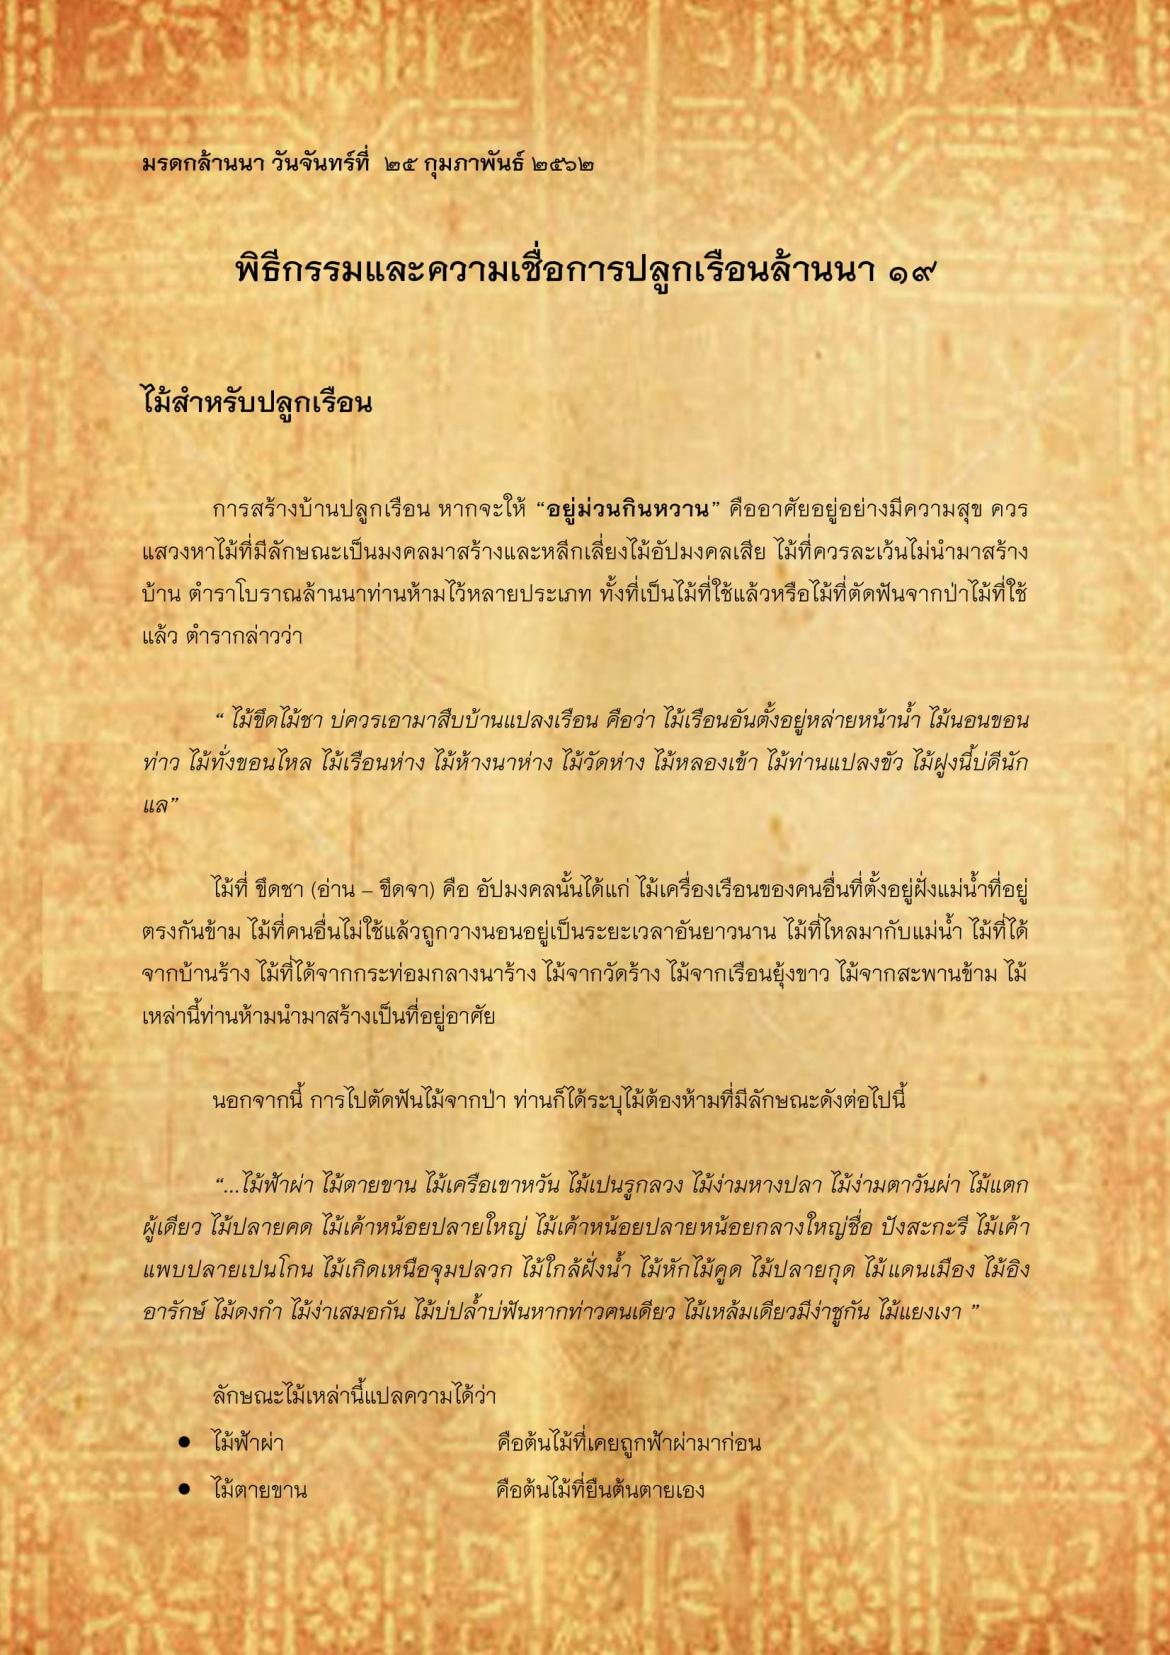 พิธีกรรมเเละความเชื่อการปลูกเรือนล้านนา(19) - 25 กุมภาพันธ์ 2562